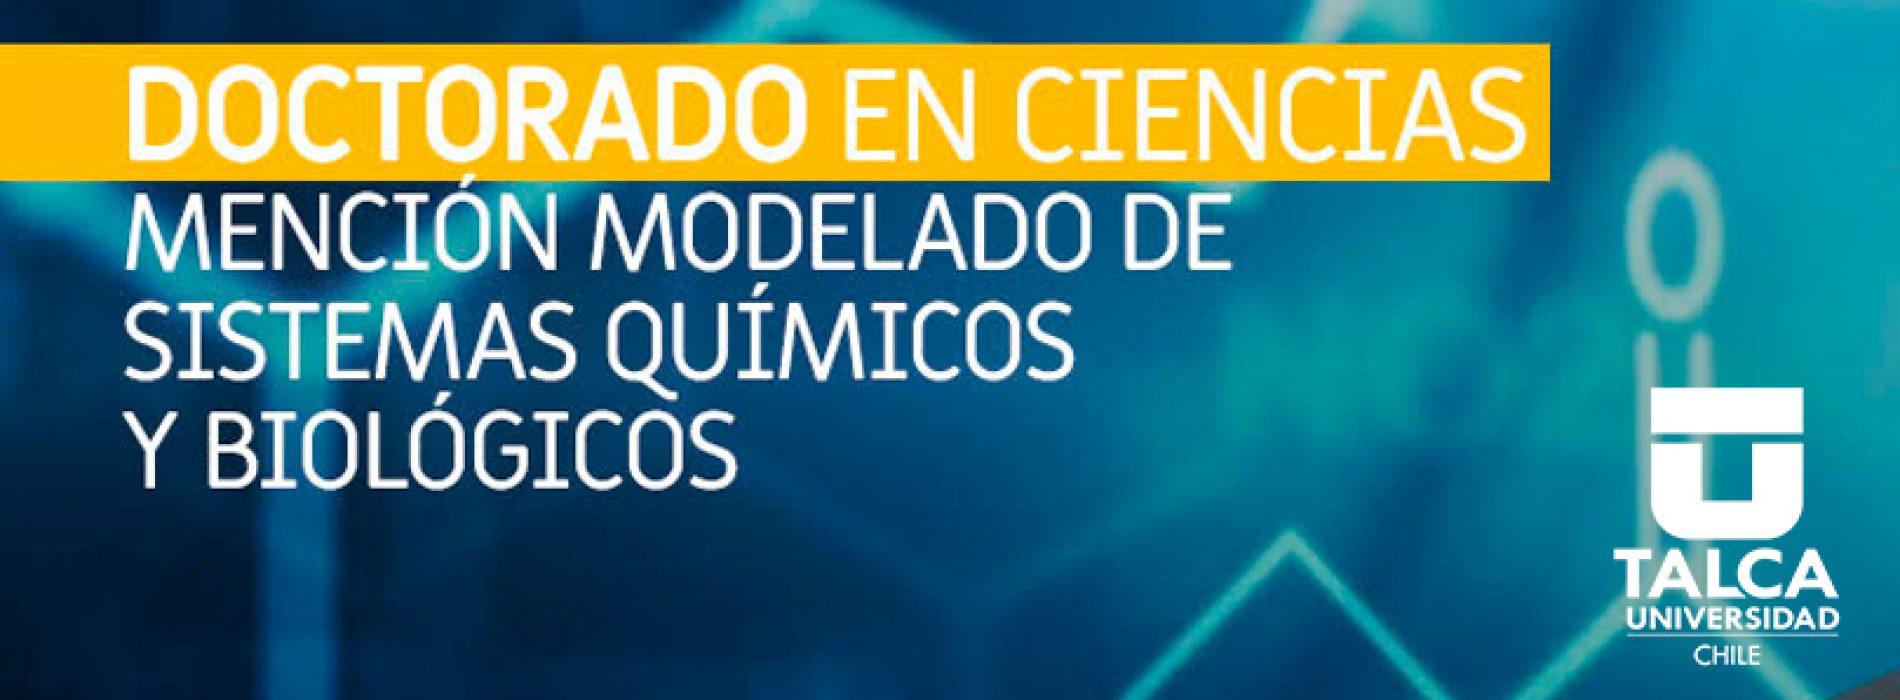 Llamado a postular a la Convocatoria 2019 del Doctorado en ciencias – Mención modelado de Sistemas Químicos y Biológicos